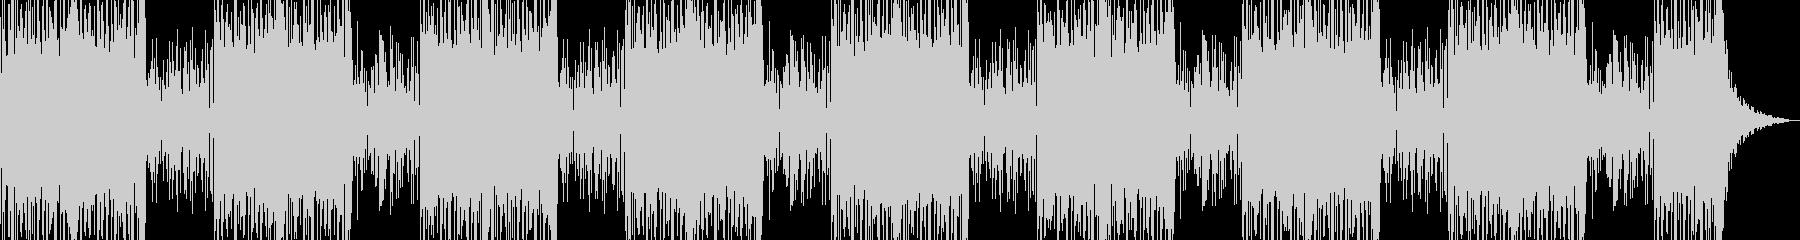 ロングバージョンの未再生の波形